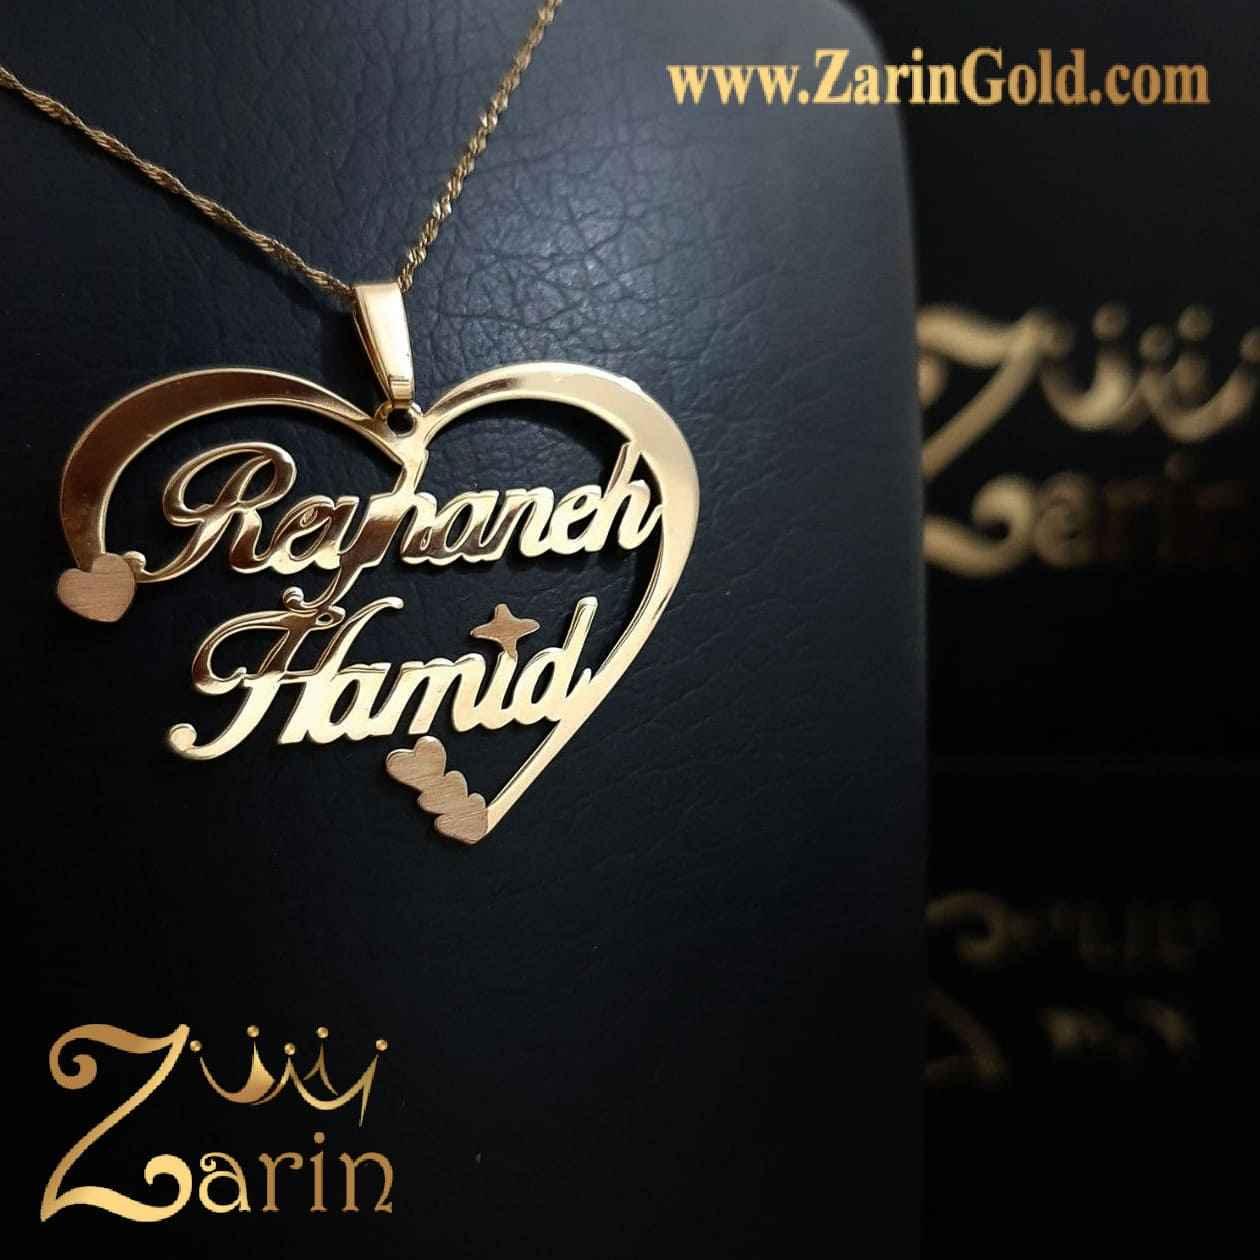 گردنبند دو اسم فارسی ریحانه و حمید